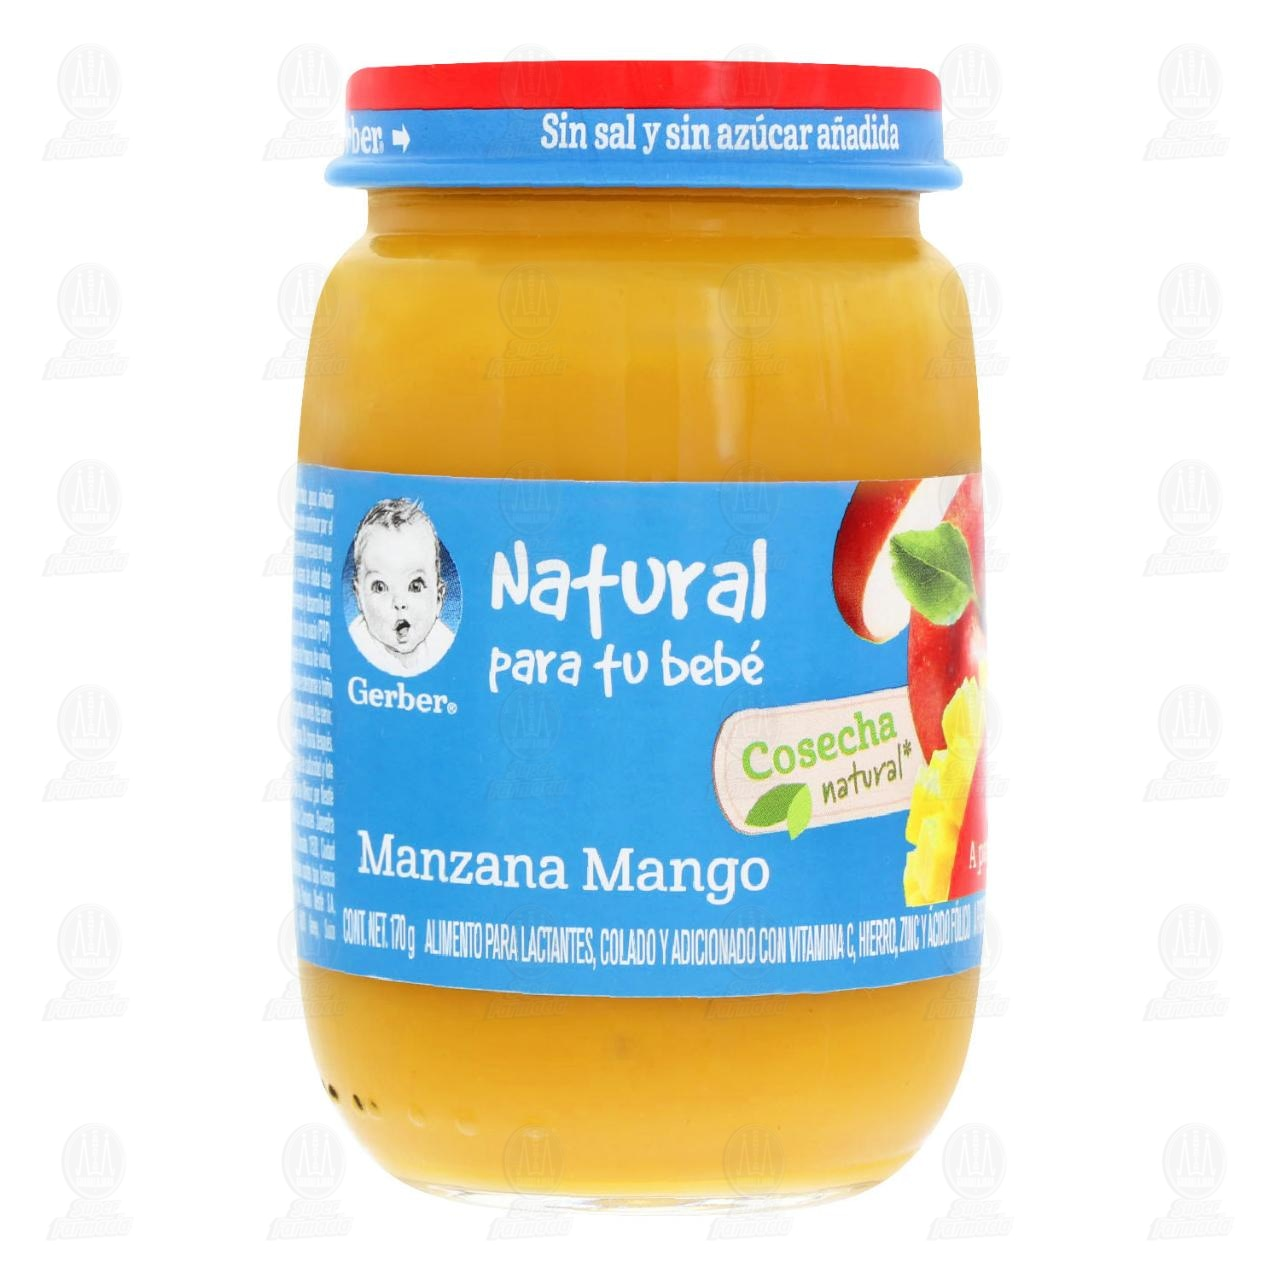 comprar https://www.movil.farmaciasguadalajara.com/wcsstore/FGCAS/wcs/products/1317989_A_1280_AL.jpg en farmacias guadalajara